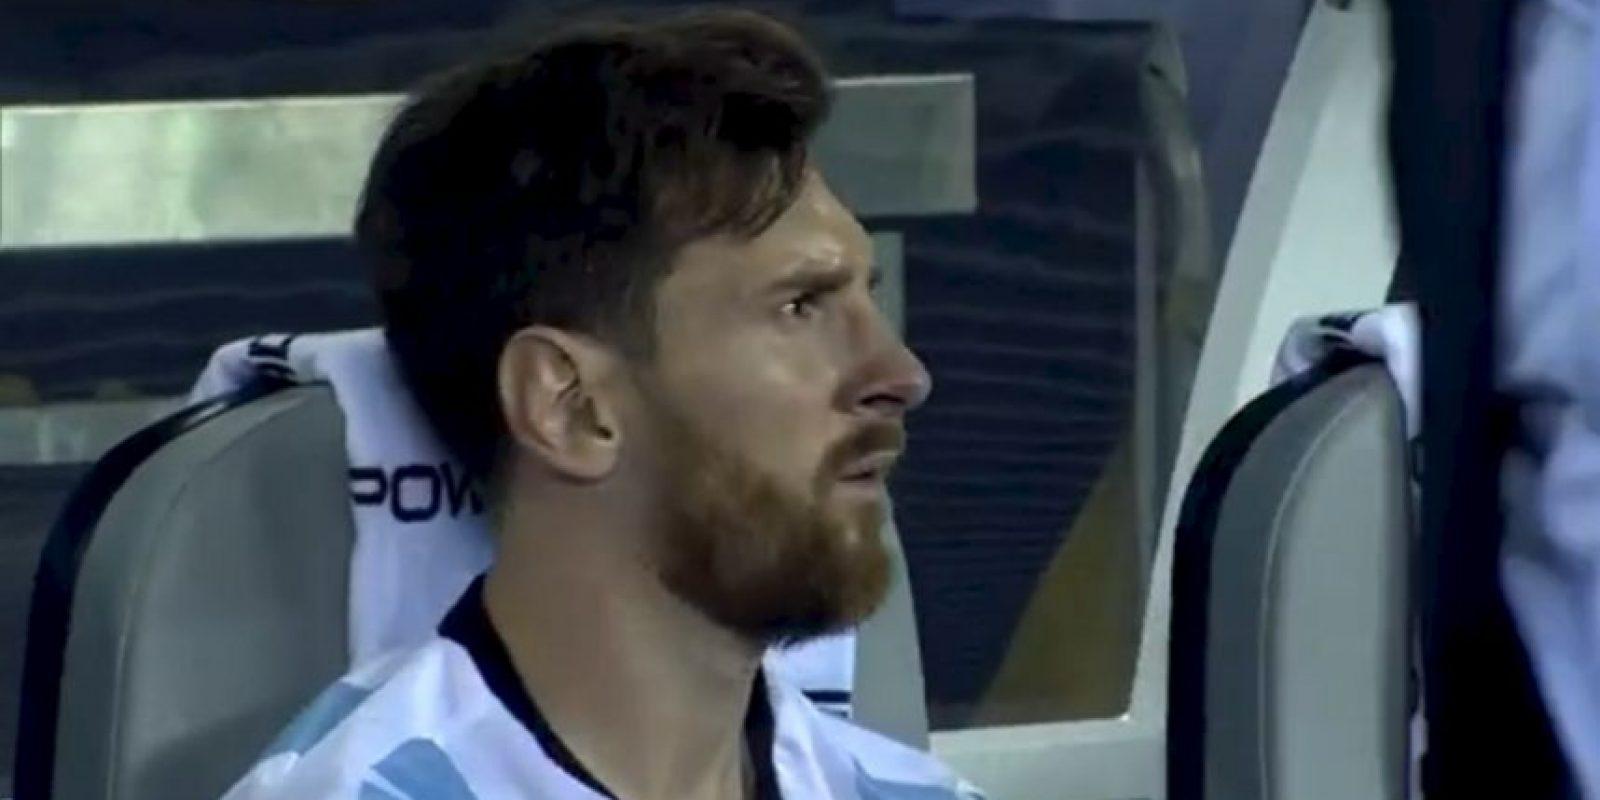 Tras perder el título, Lionel Messi se fue a sentar solo a la banca y no pudo ocultar su tristeza Foto:Captura de pantalla